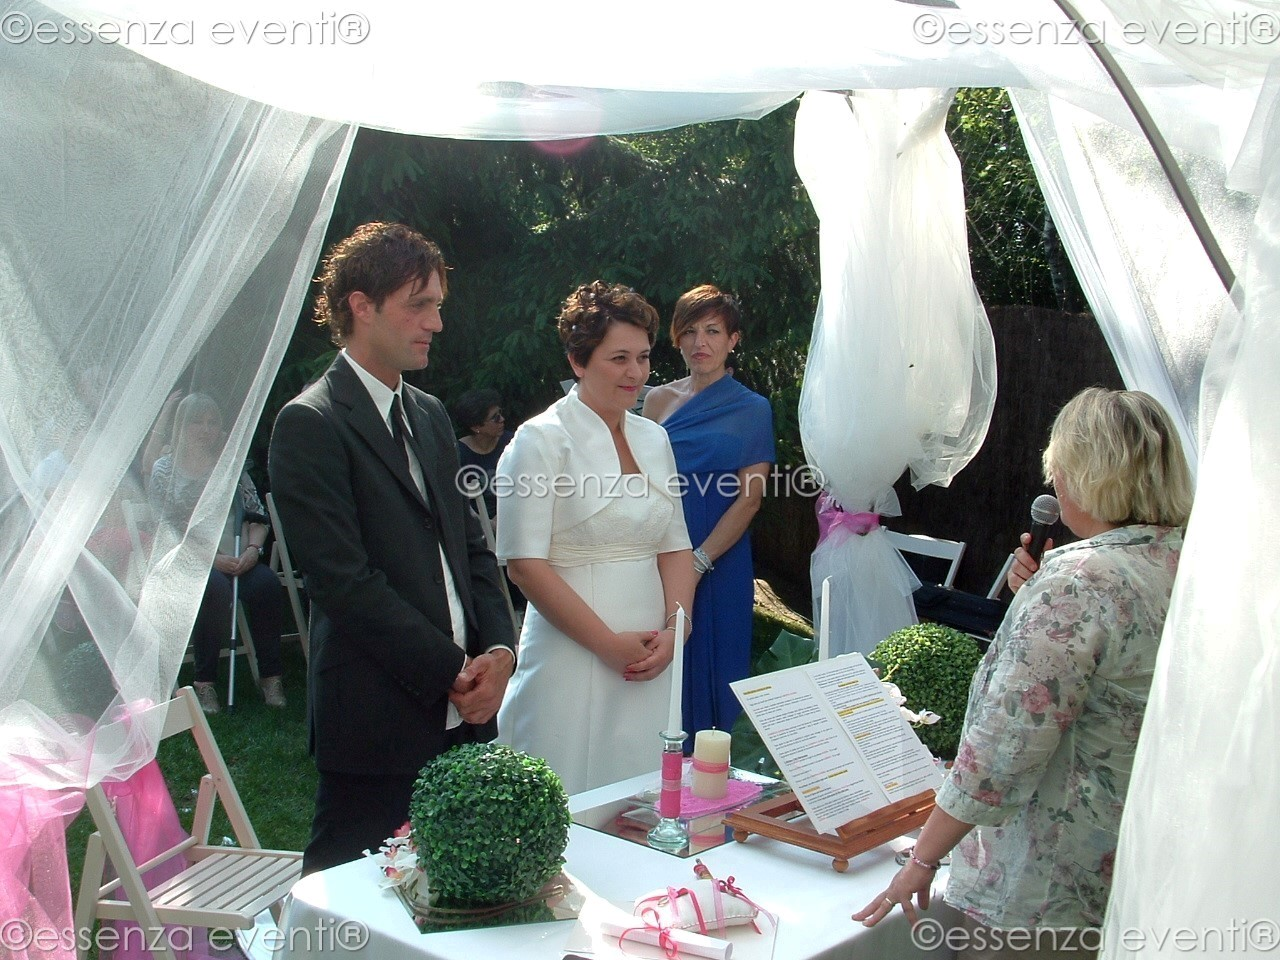 Matrimonio Simbolico Testi : Célébrante mariage symbolique essenza eventi